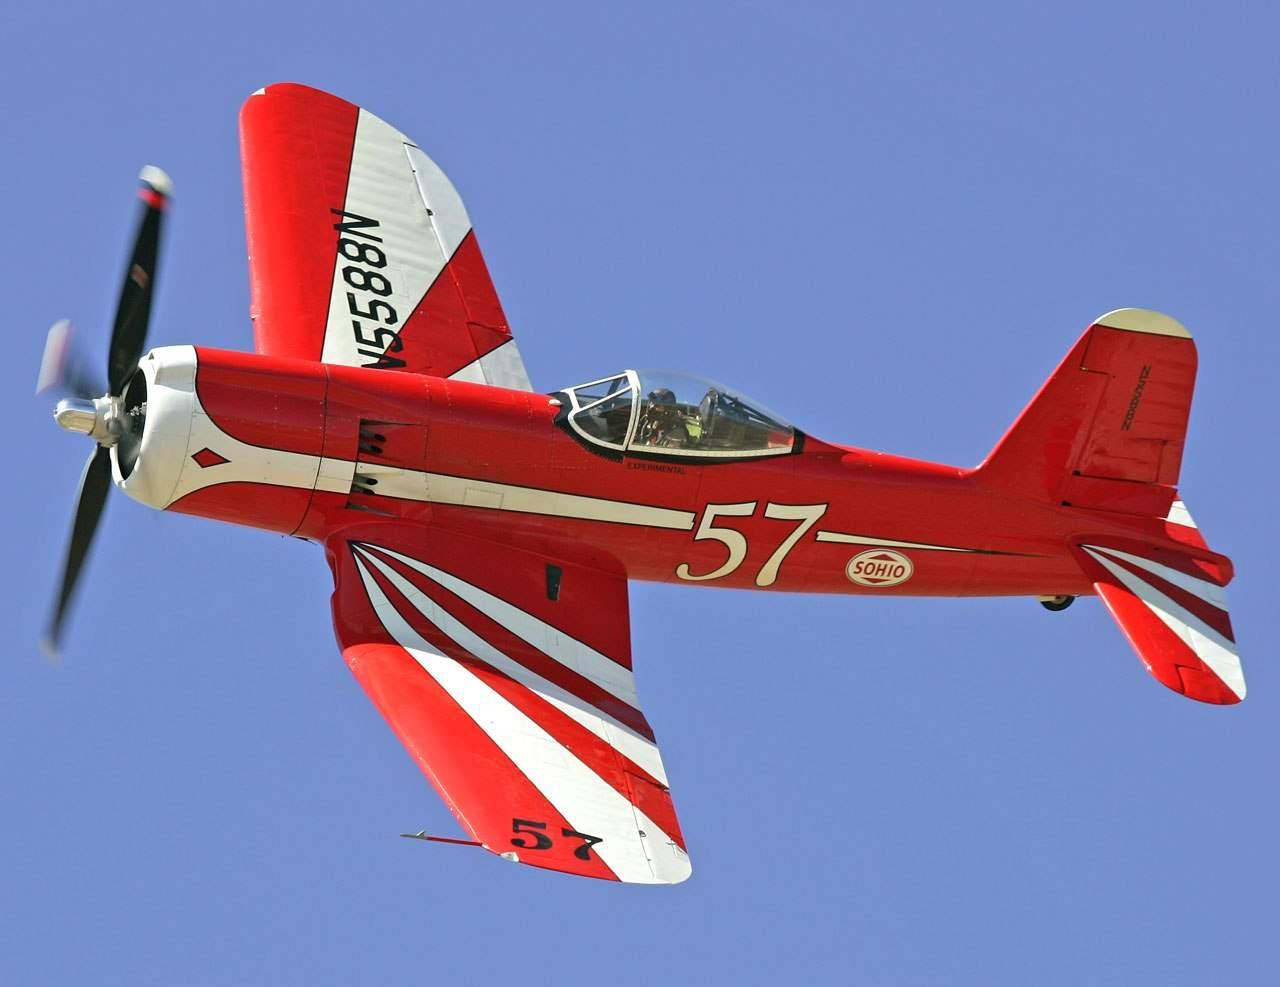 Истребитель F2G-1 № 88458 (гражданский регистрационный номер 5588N)— в настоящее время является единственным летающим истребителем SUPER CORSAIR